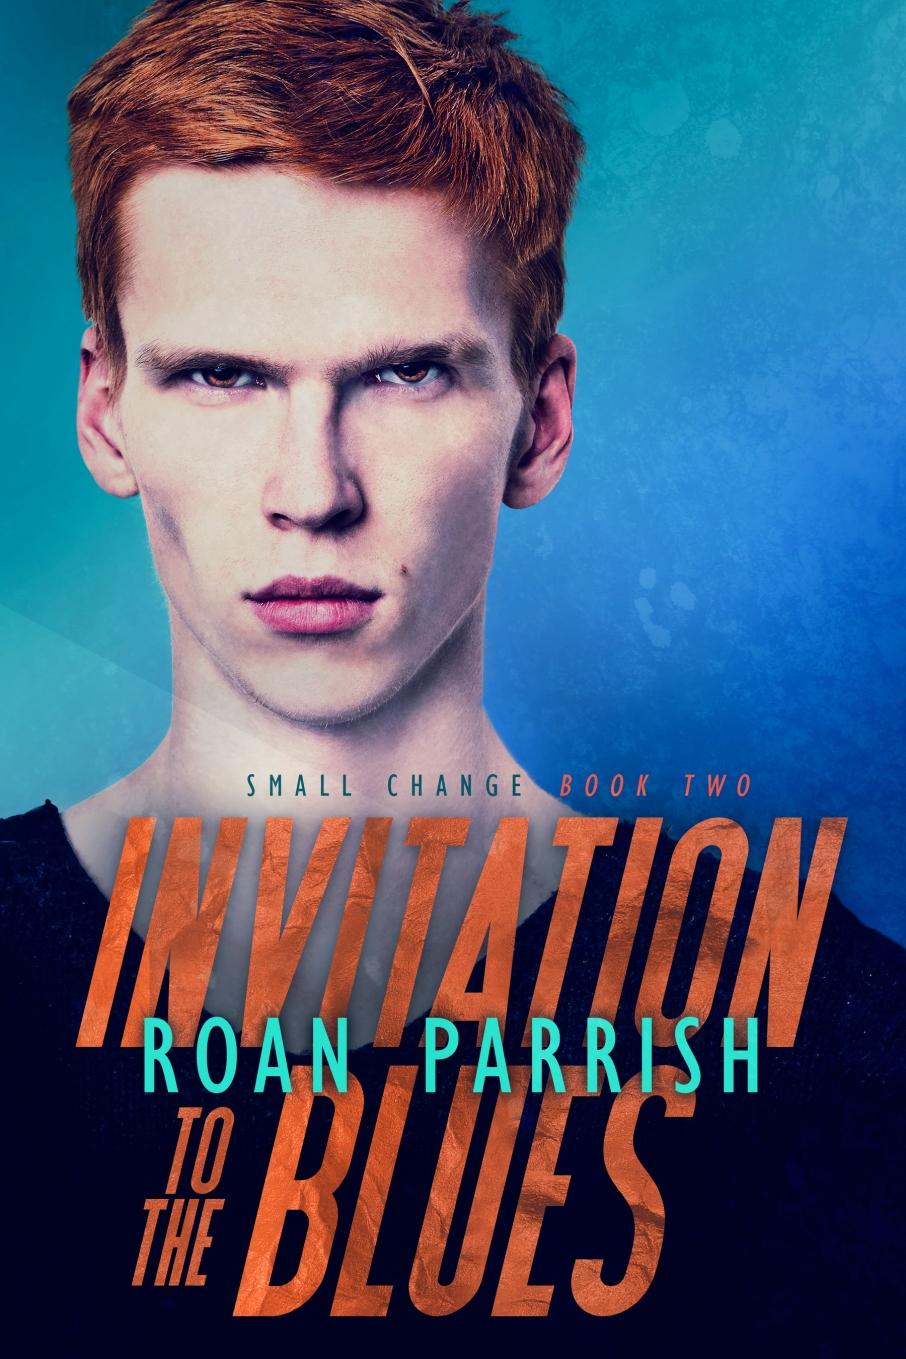 InvitationtotheBlues-f.jpg